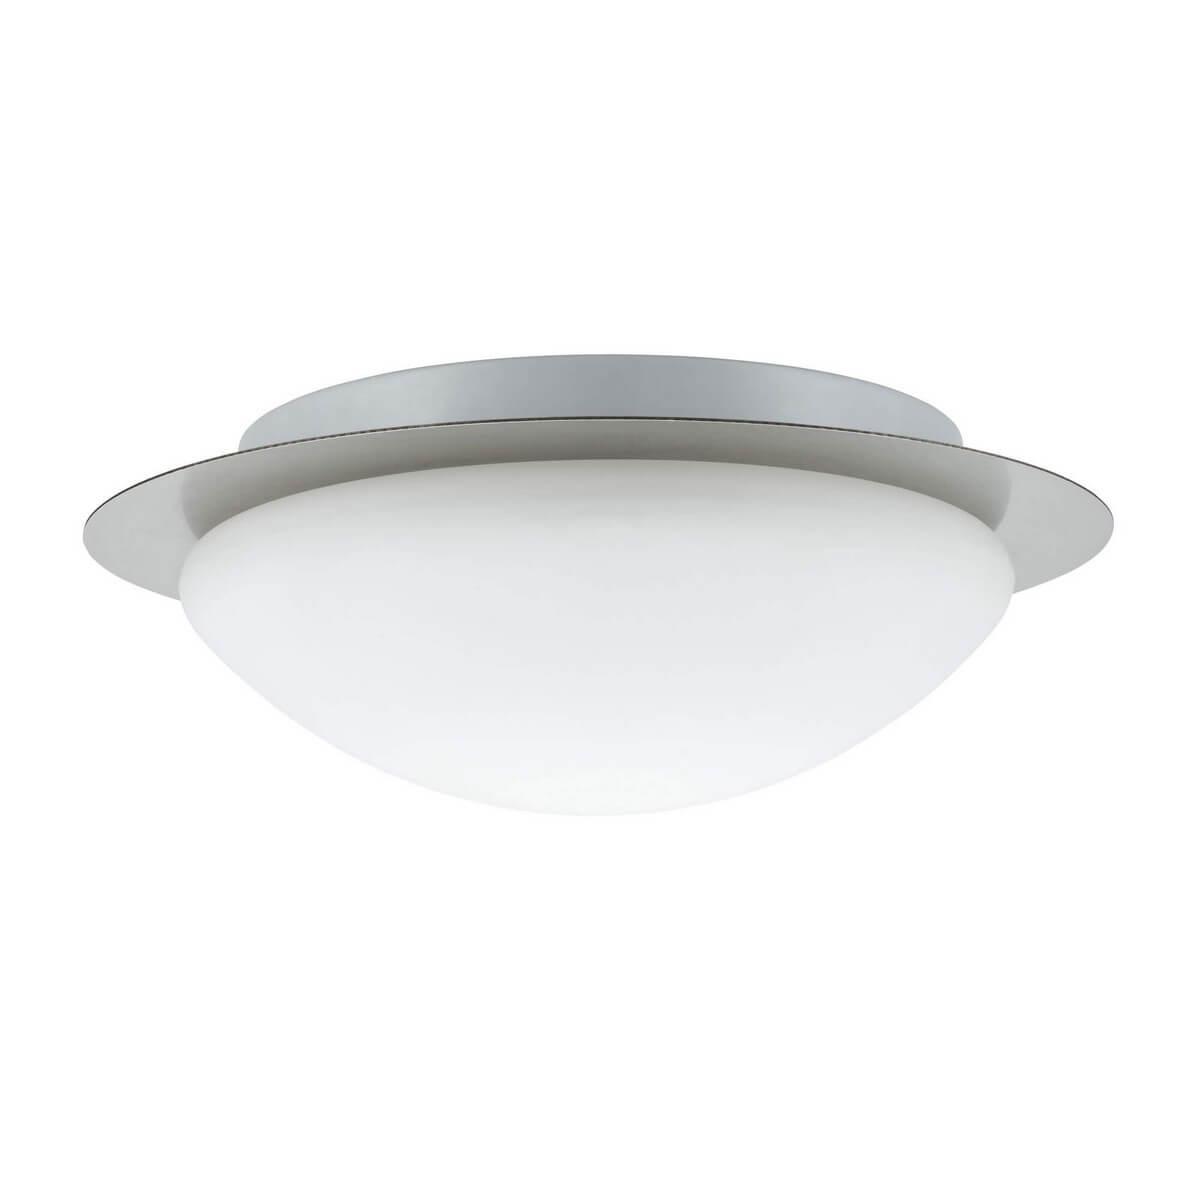 Потолочный светильник Paulmann Vega 70346 светильник paulmann vega pl 70347